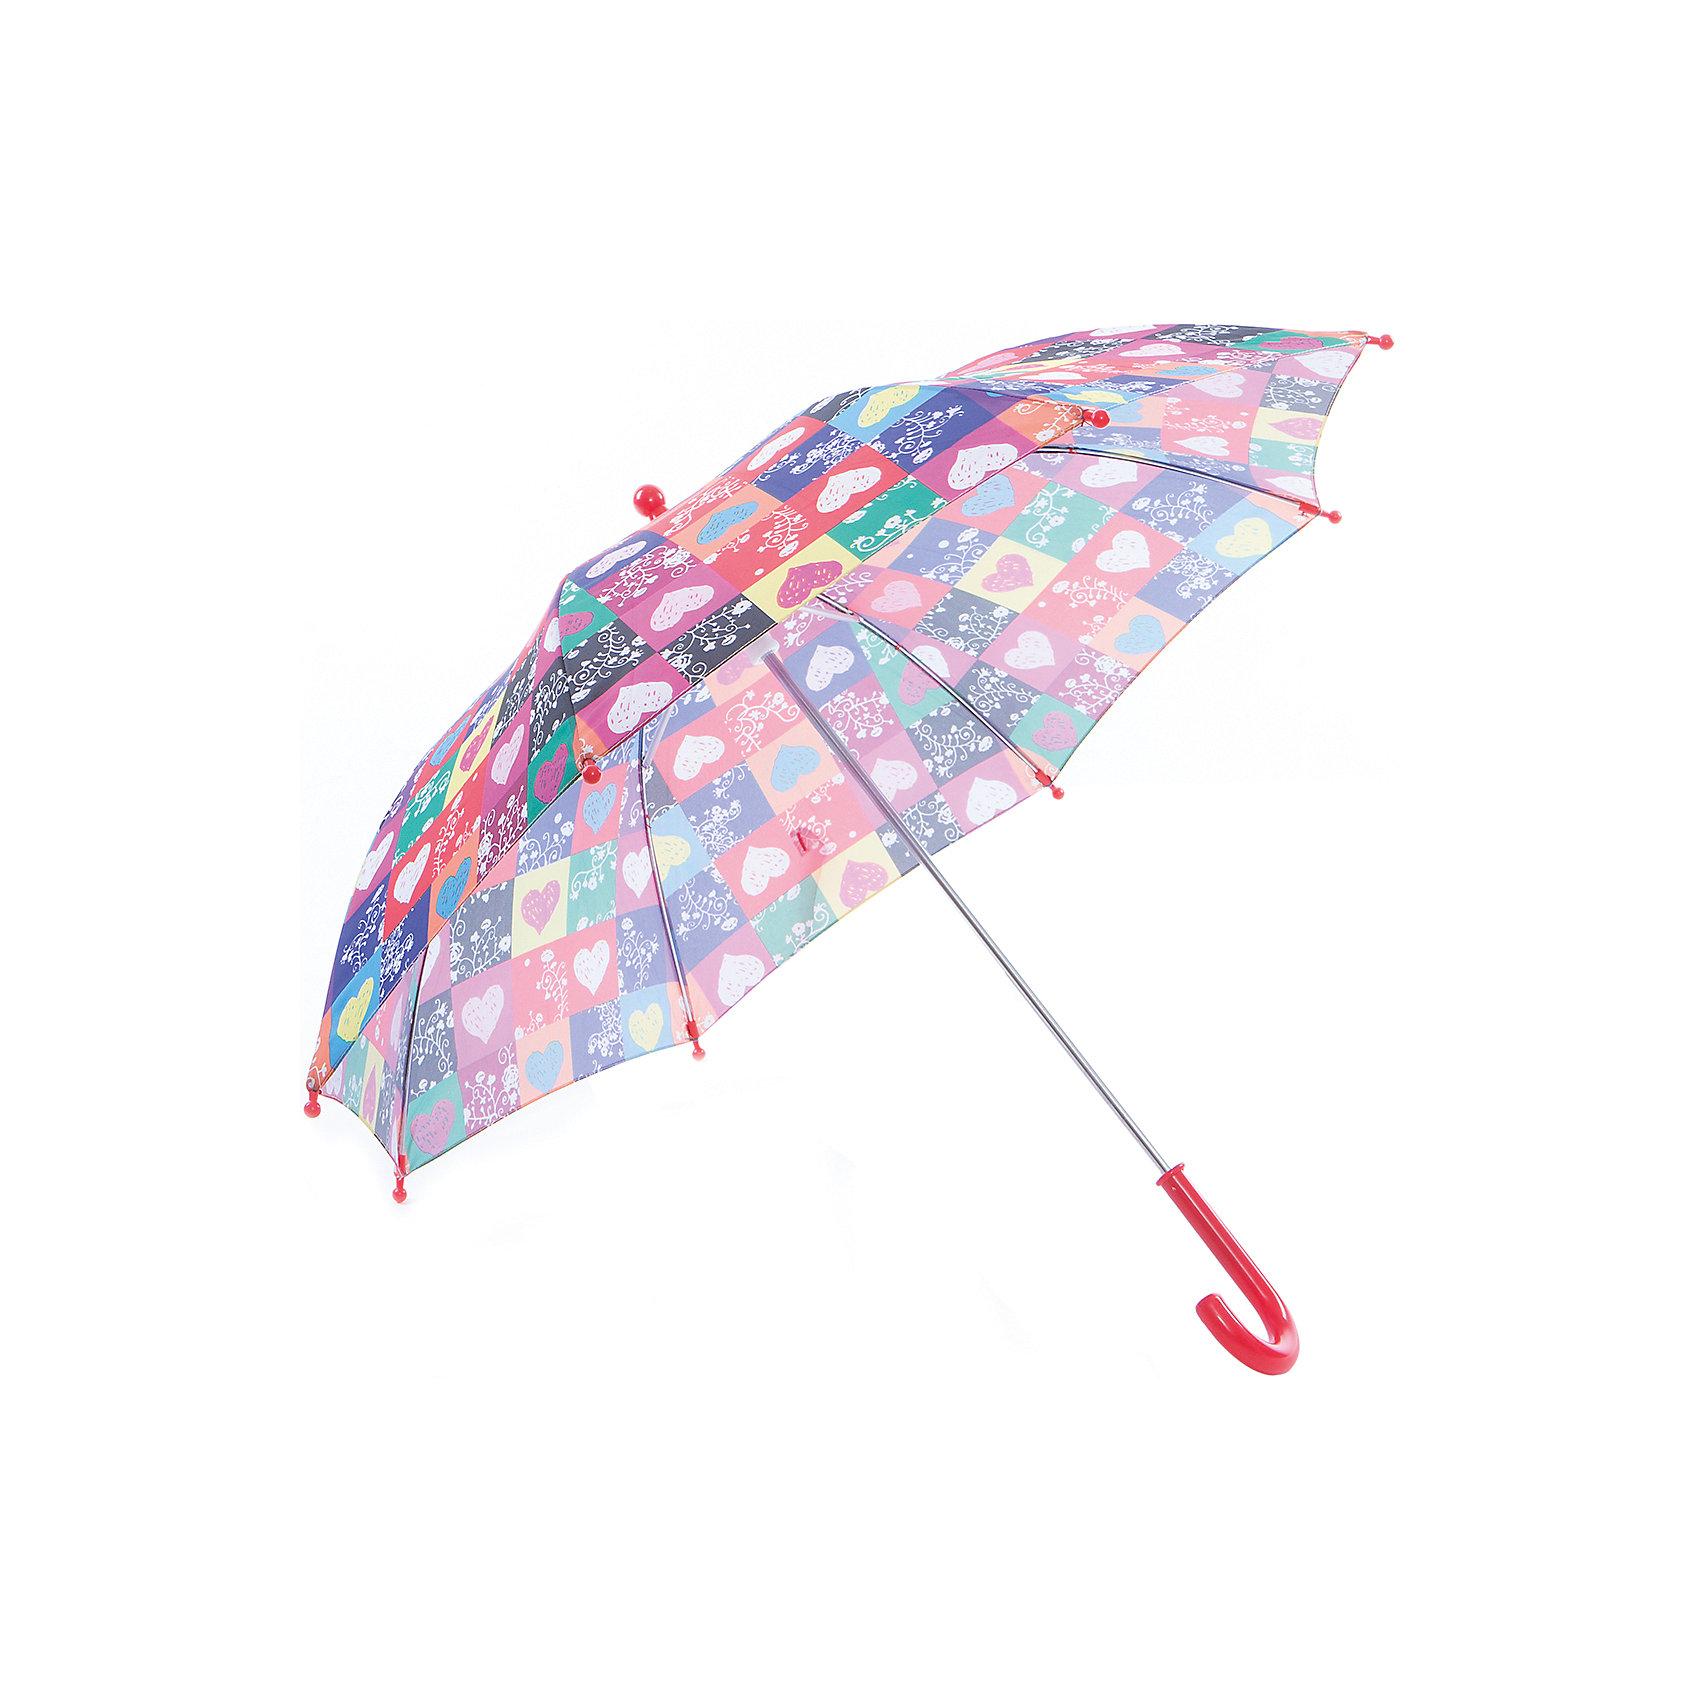 Зонт-трость, детский, рисунок СердечкиКрасочный детский зонтик Zest 81561, трость, механика, 8 спиц, купол 72 см, материал купола полиэстер, ручка зонта из пластика, материал каркаса - сталь. Концы спиц зонтика прикрыты специальными колпачками. ВЕТРОУСТОЙЧИВАЯ КОНСТРУКЦИЯ. Внимание! В сильный ветер не эксплуатировать! Зонт может сломаться. Гарантия 6 месяцев, срок службы 5 лет.<br><br>Ширина мм: 570<br>Глубина мм: 0<br>Высота мм: 0<br>Вес г: 205<br>Возраст от месяцев: 36<br>Возраст до месяцев: 2147483647<br>Пол: Унисекс<br>Возраст: Детский<br>SKU: 5511998